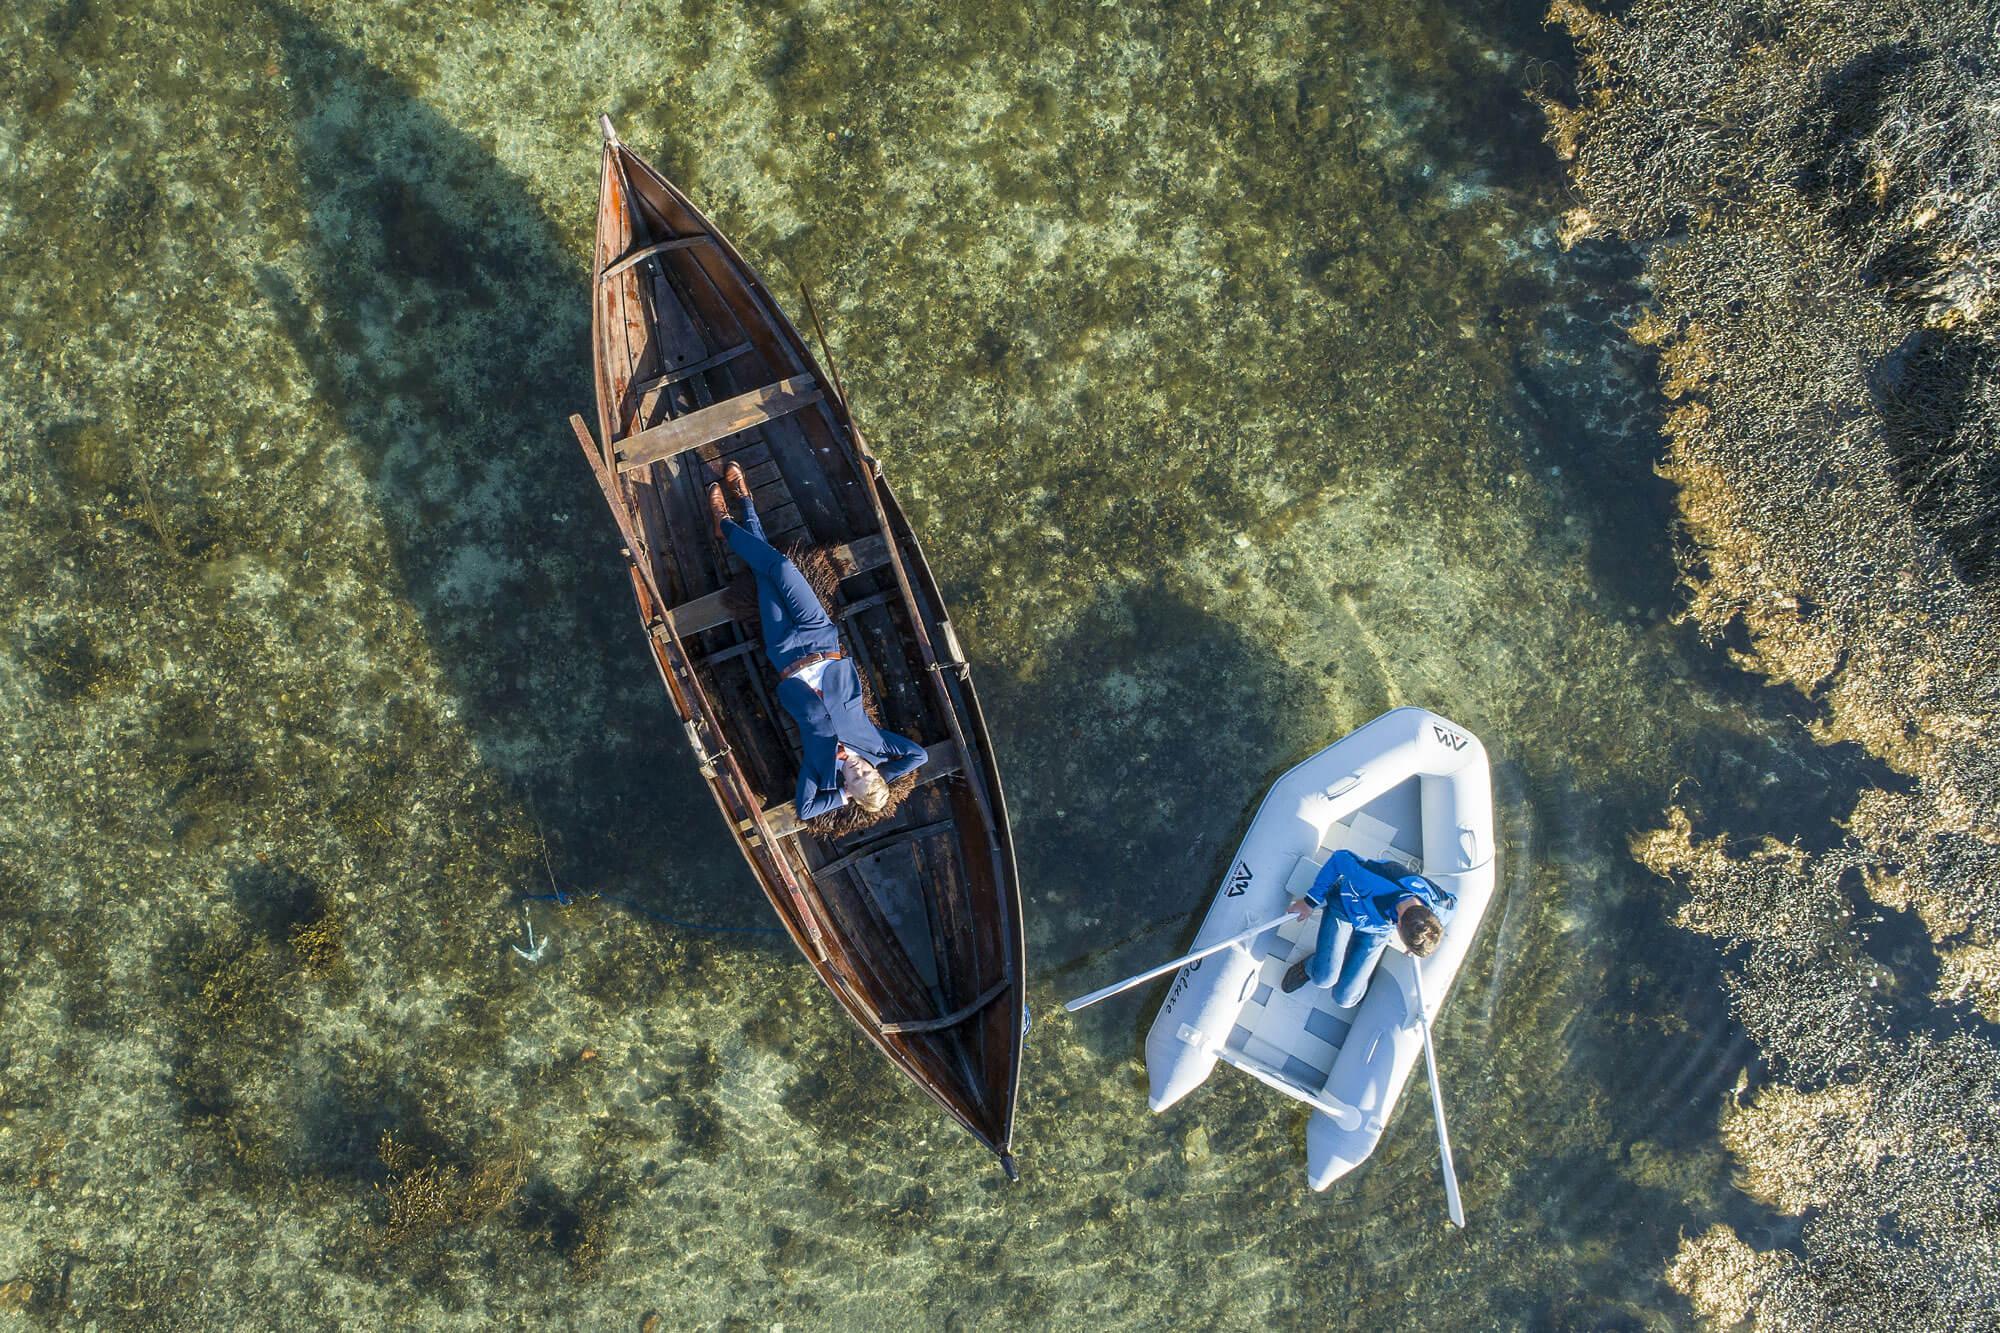 To gutter i båter, sett ovenfra